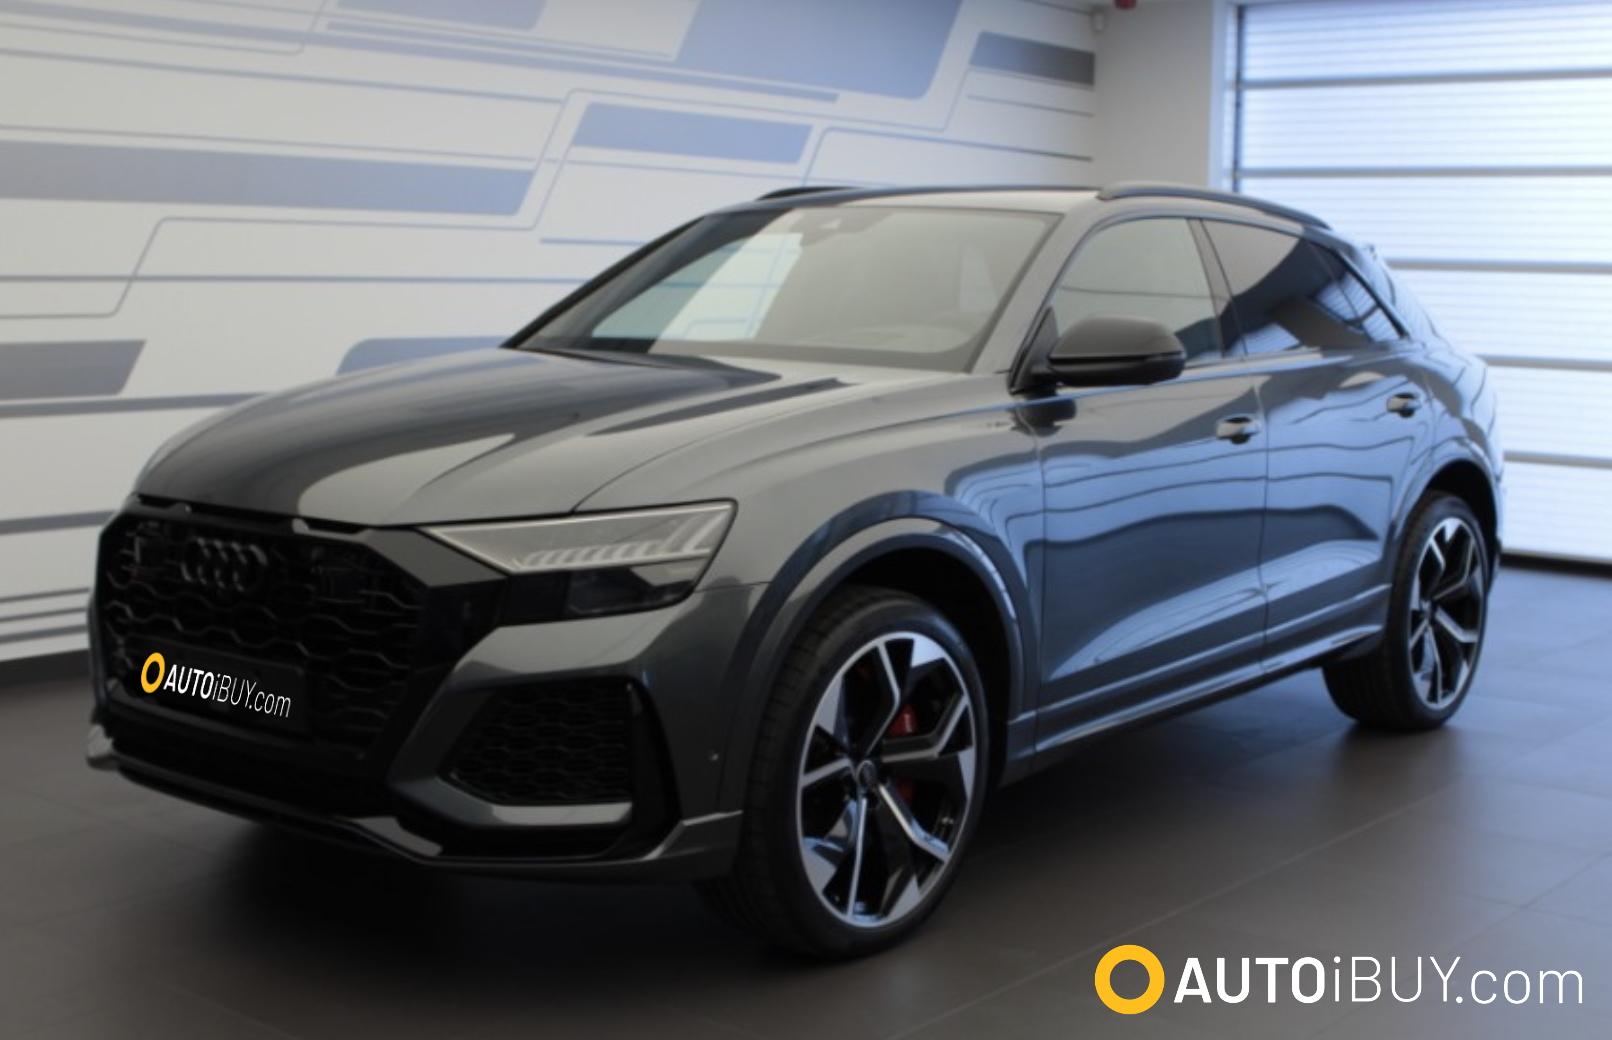 Audi RSQ8 | reference | předání auta našemu klientovi | super sportovní SUV Coupé | nové auto skladem | objednání online